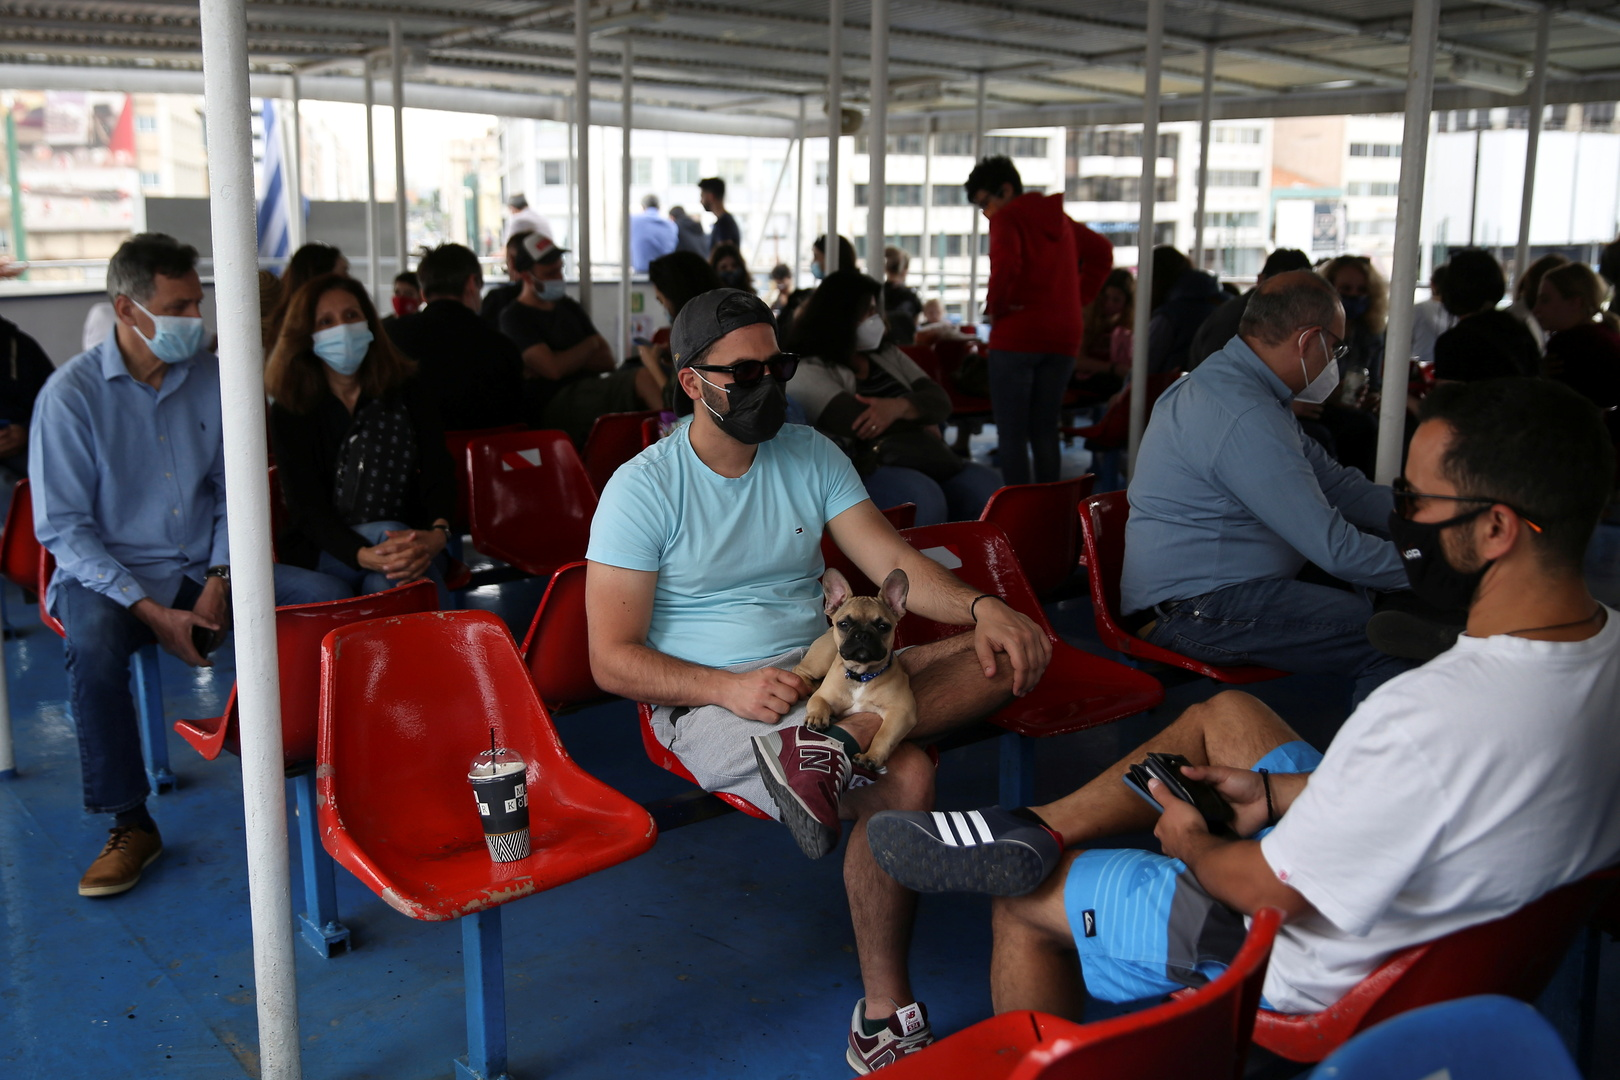 اليونان تسجل قفزة جديدة في إصابات كورونا بعد تراجع استمر أسابيع